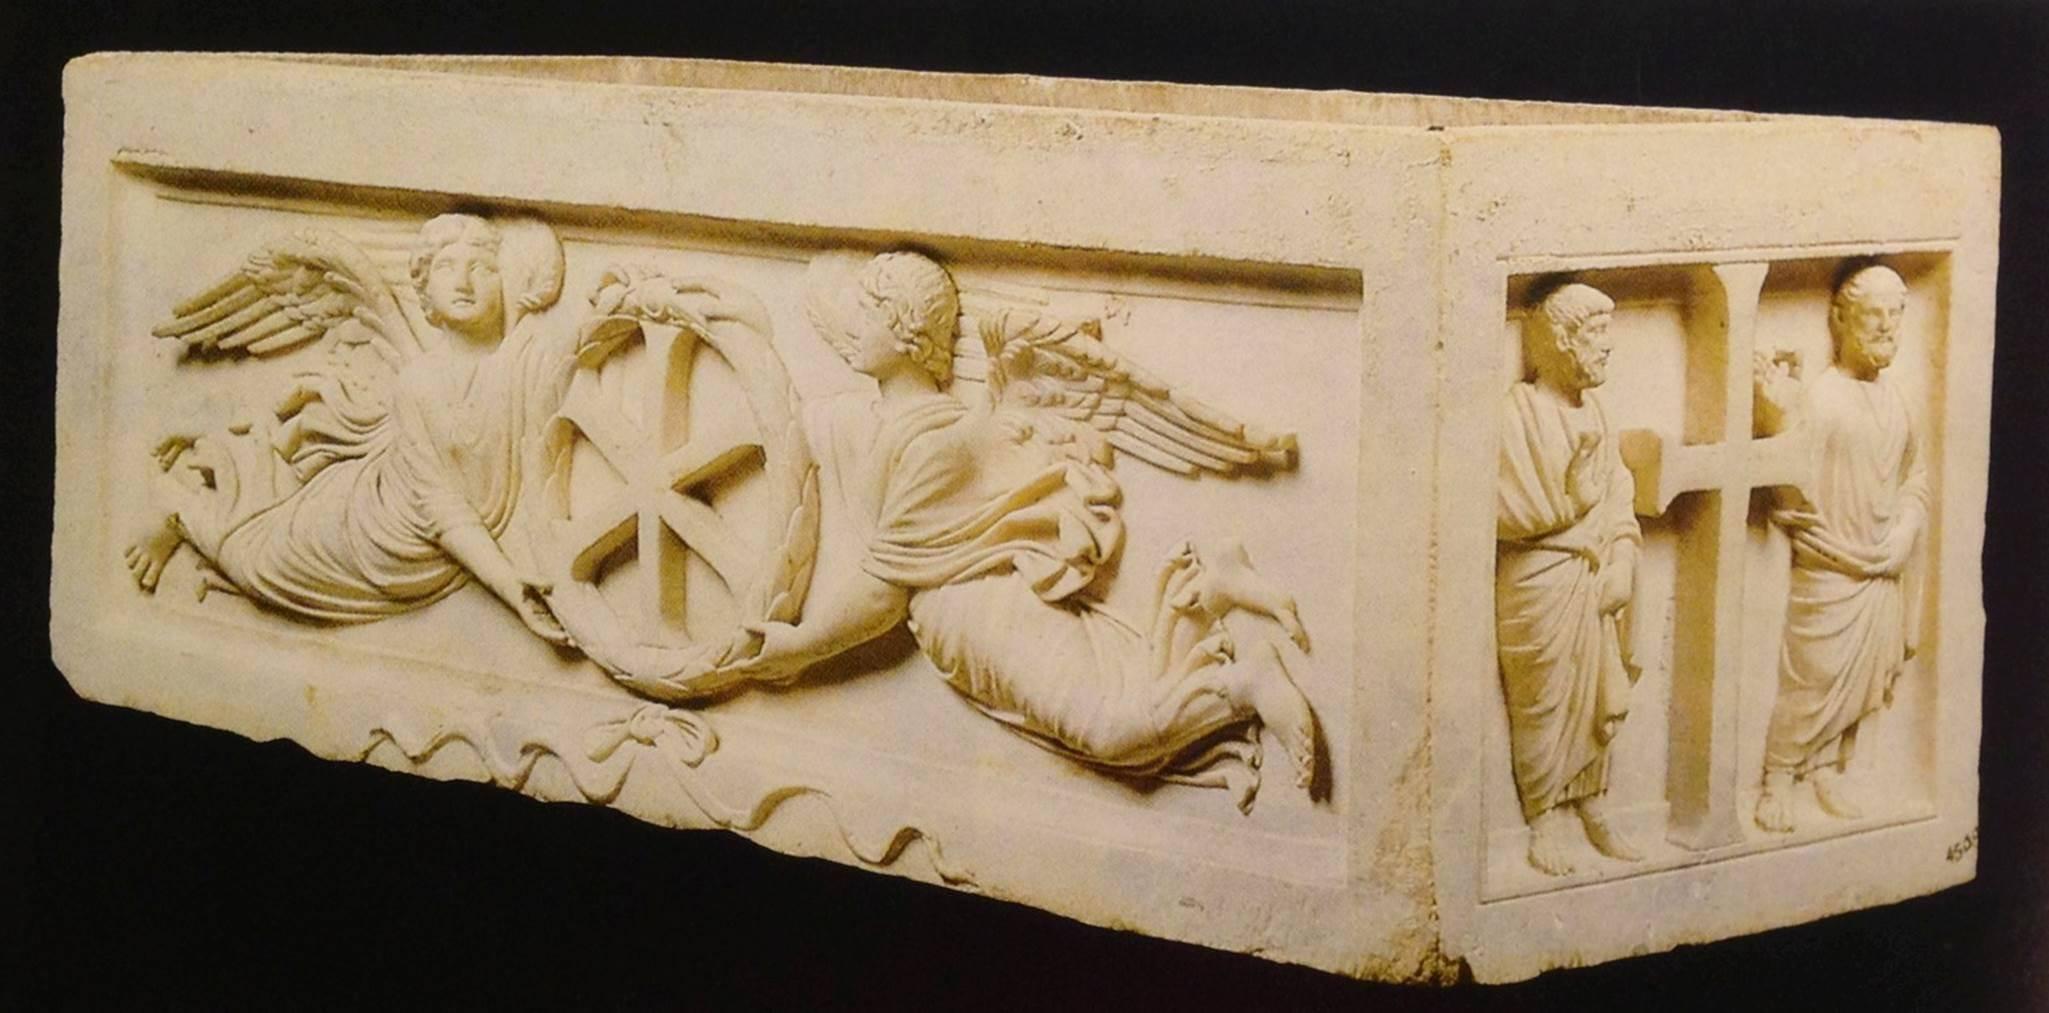 İstanbul'da, Sarıgüzel'den İstanbul Arkeoloji Müzeleri'ne getirilen, 4. yüzyıl sonu-5. yüzyıl başına tarihlendirilen, bir asile ait olduğu düşünüldüğü için Prens Sarkofajı diye adlandırılan lahdin kısa kenarları haç, uzun kenarları ise çelenk içinde İsa'nın monogramını taşıyan iki melek rölyefi ile süslenmiştir. Fotoğraf: Füsun Kavrakoğlu